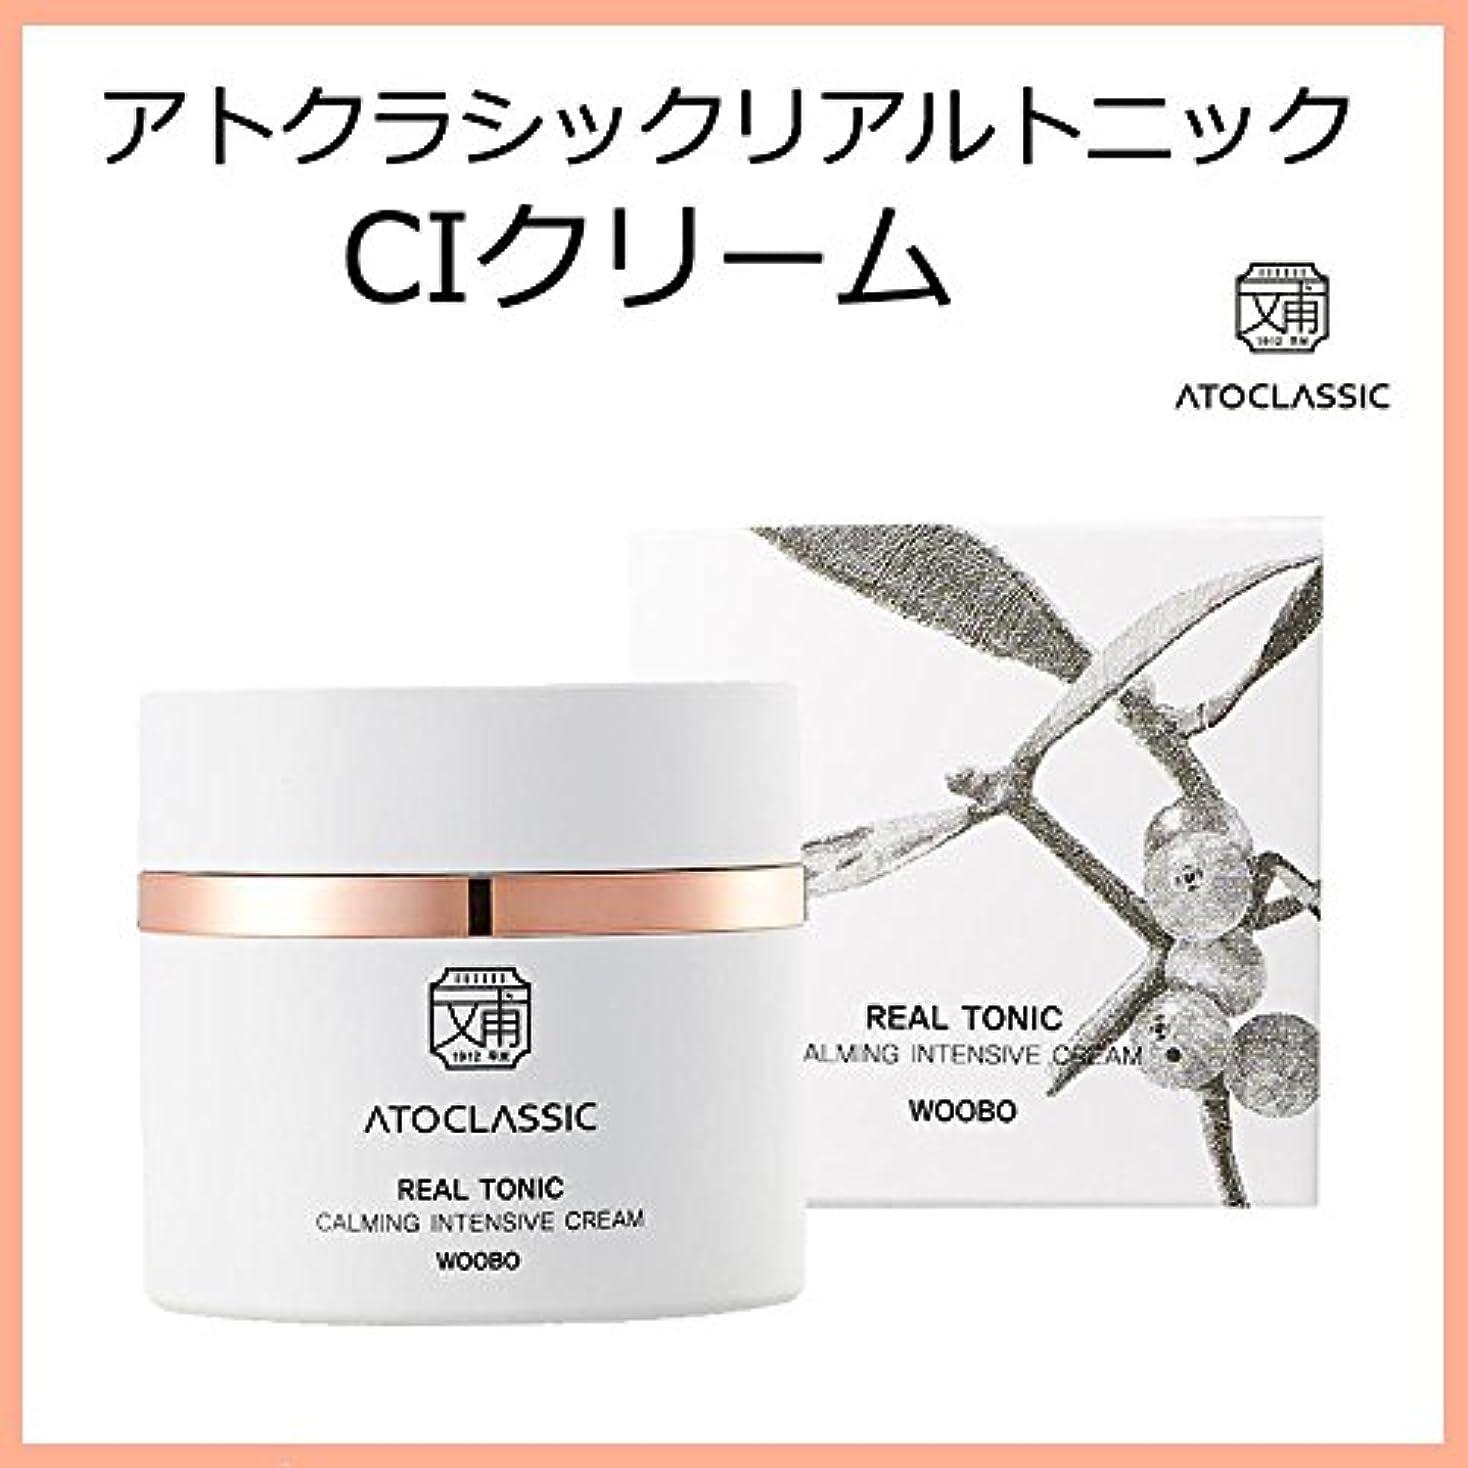 構成しっとり平凡韓国コスメ ATOCLASSIC アトクラシックリアルトニック CIクリーム(Calming Intensive Cream) 50ml